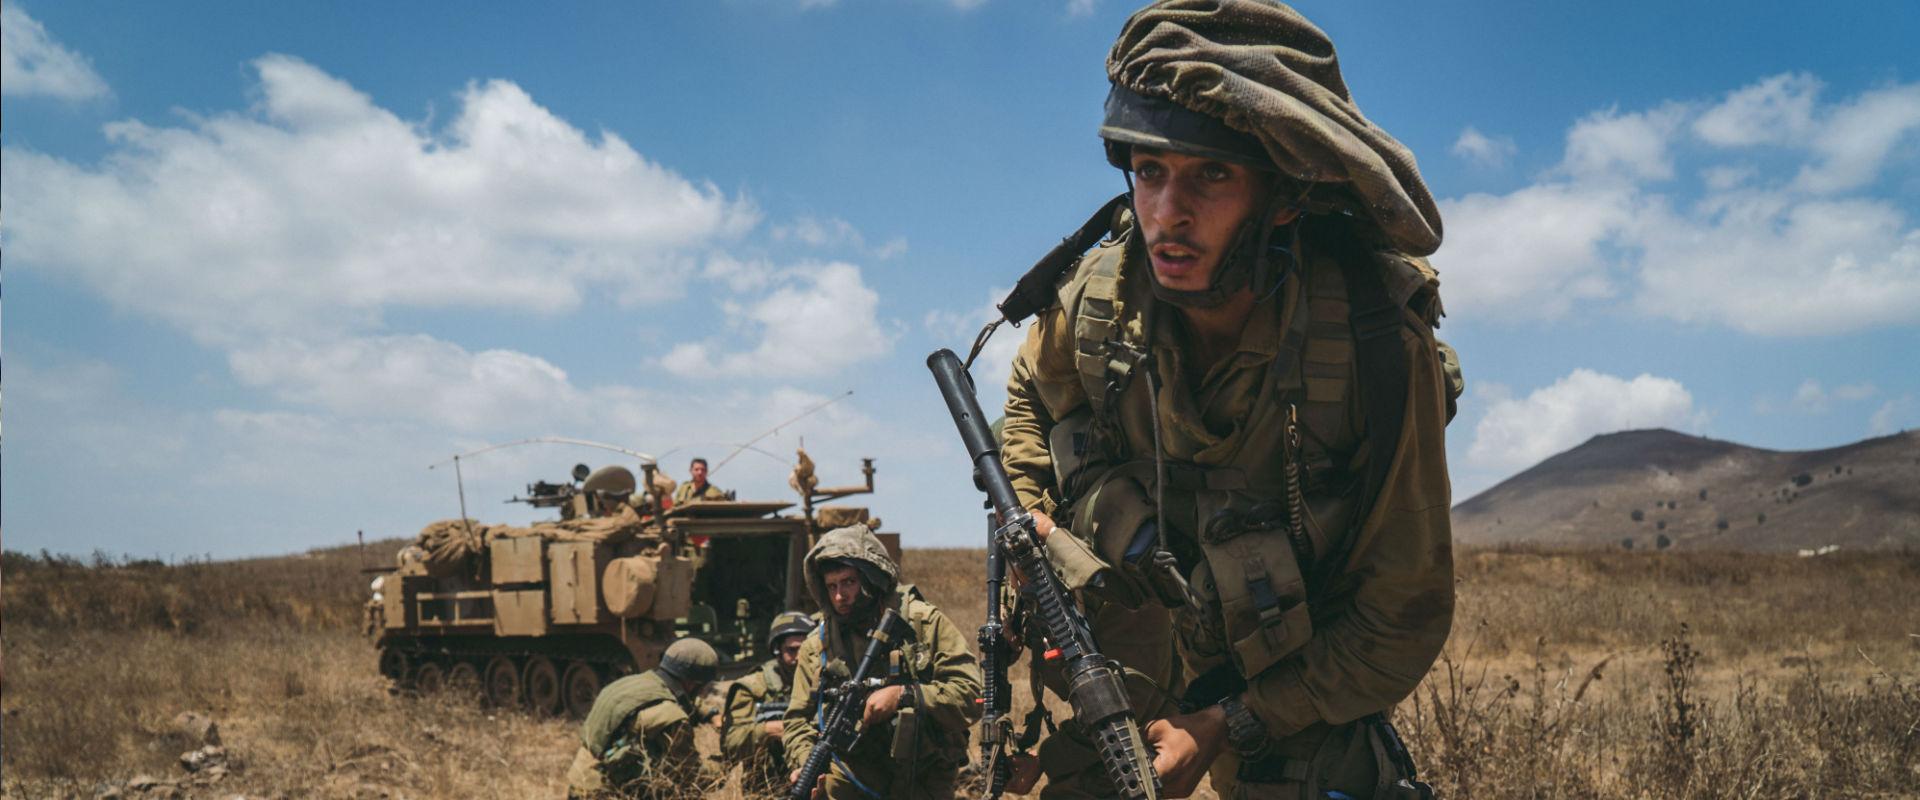 חיילים בפיקוד הצפון (ארכיון)